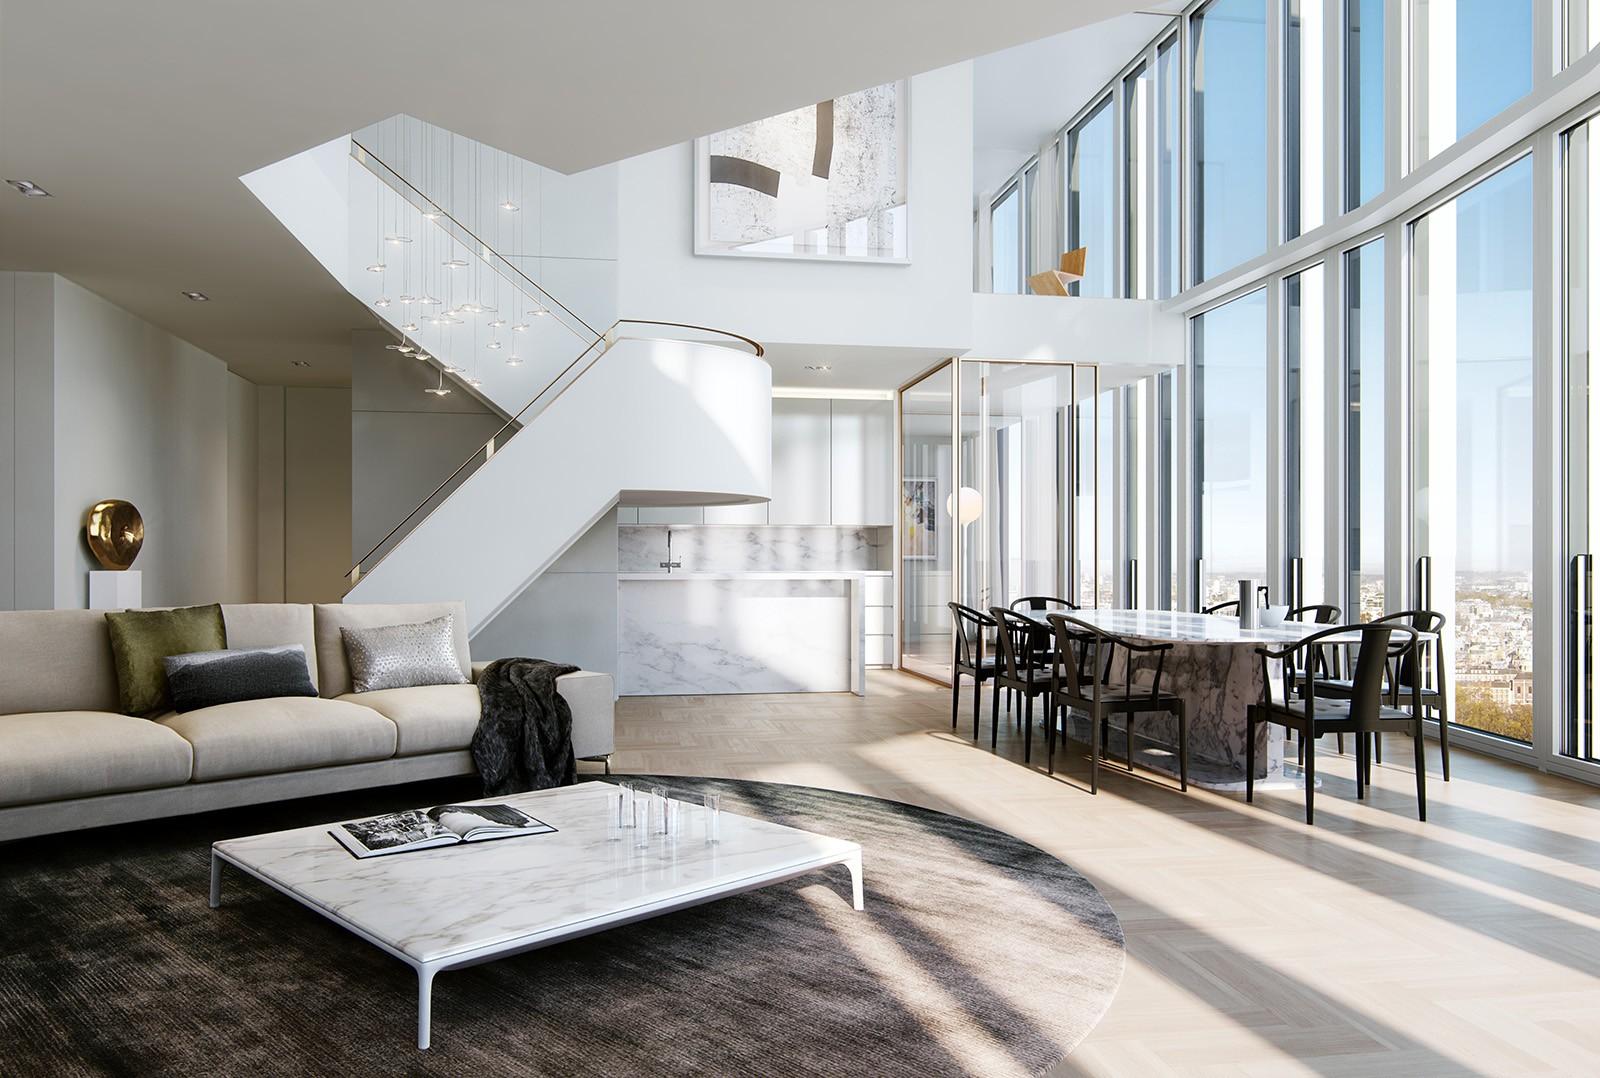 Căn penthouse sang trọng và đẳng cấp được thiết kế theo phong cách Bắc Âu